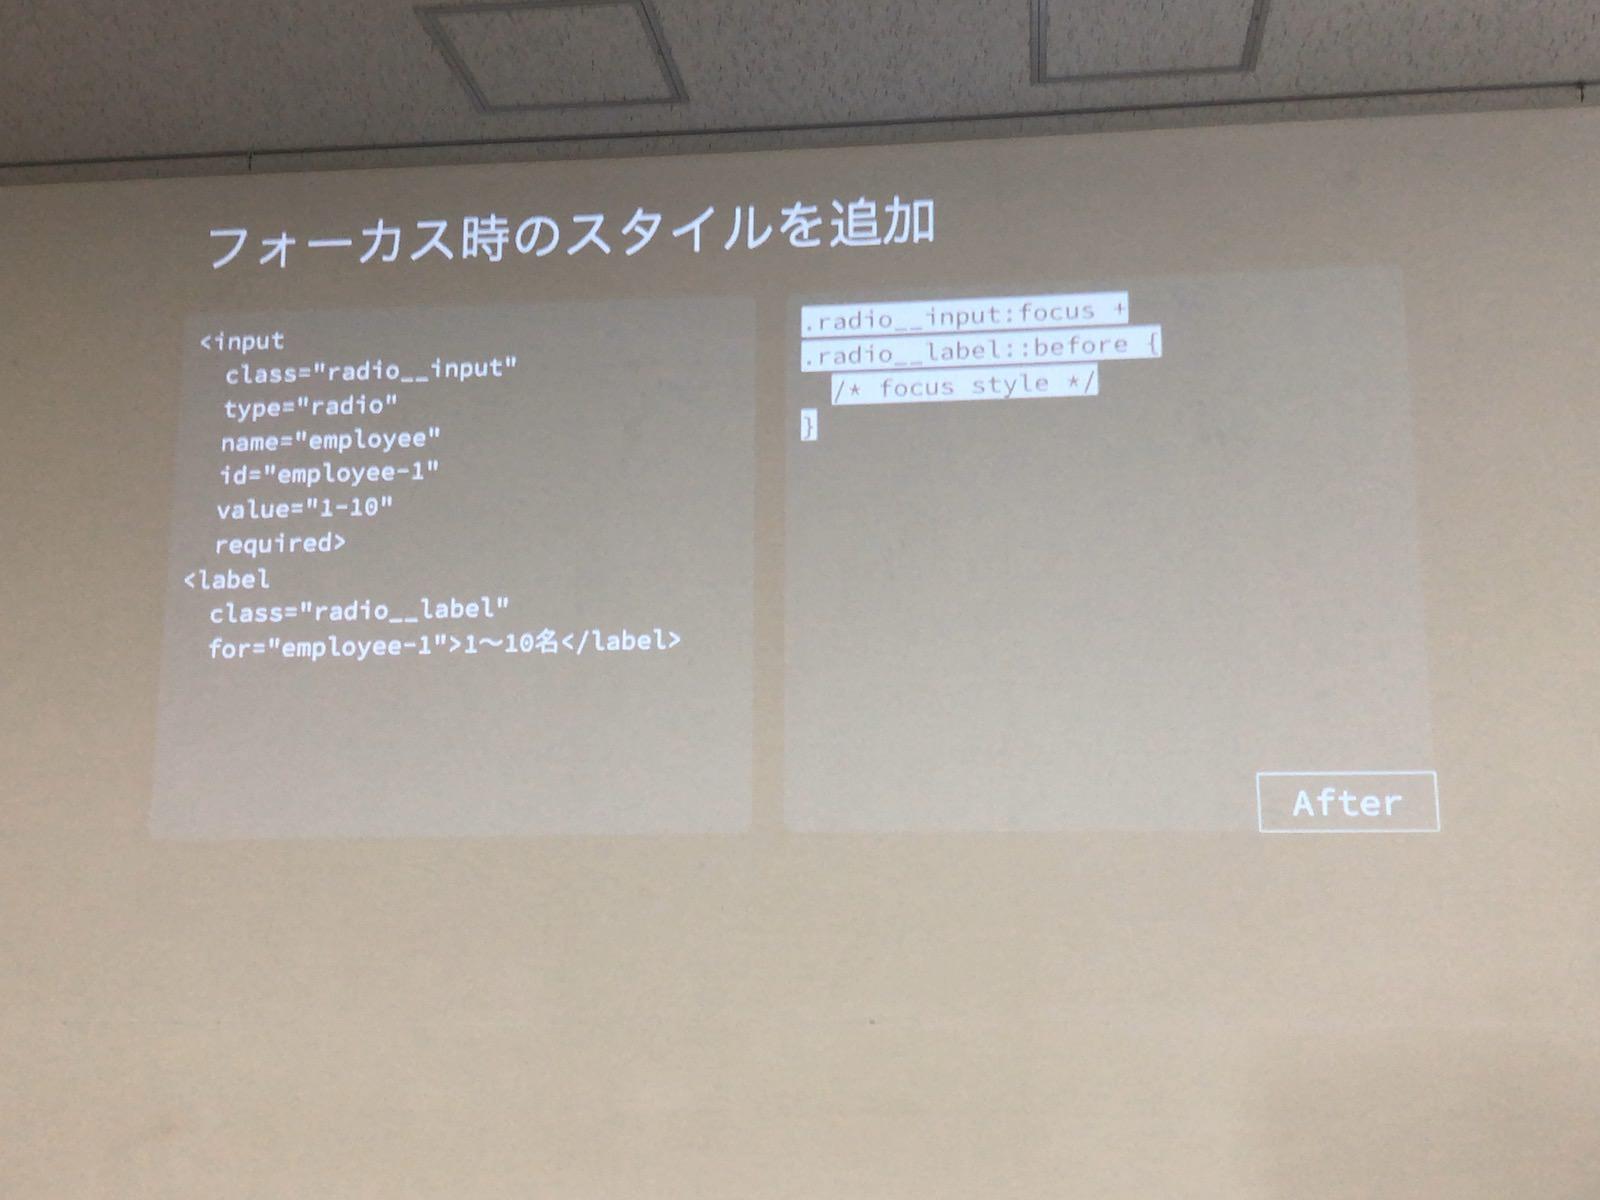 フォーカス時のスタイルを追加する際のコード例